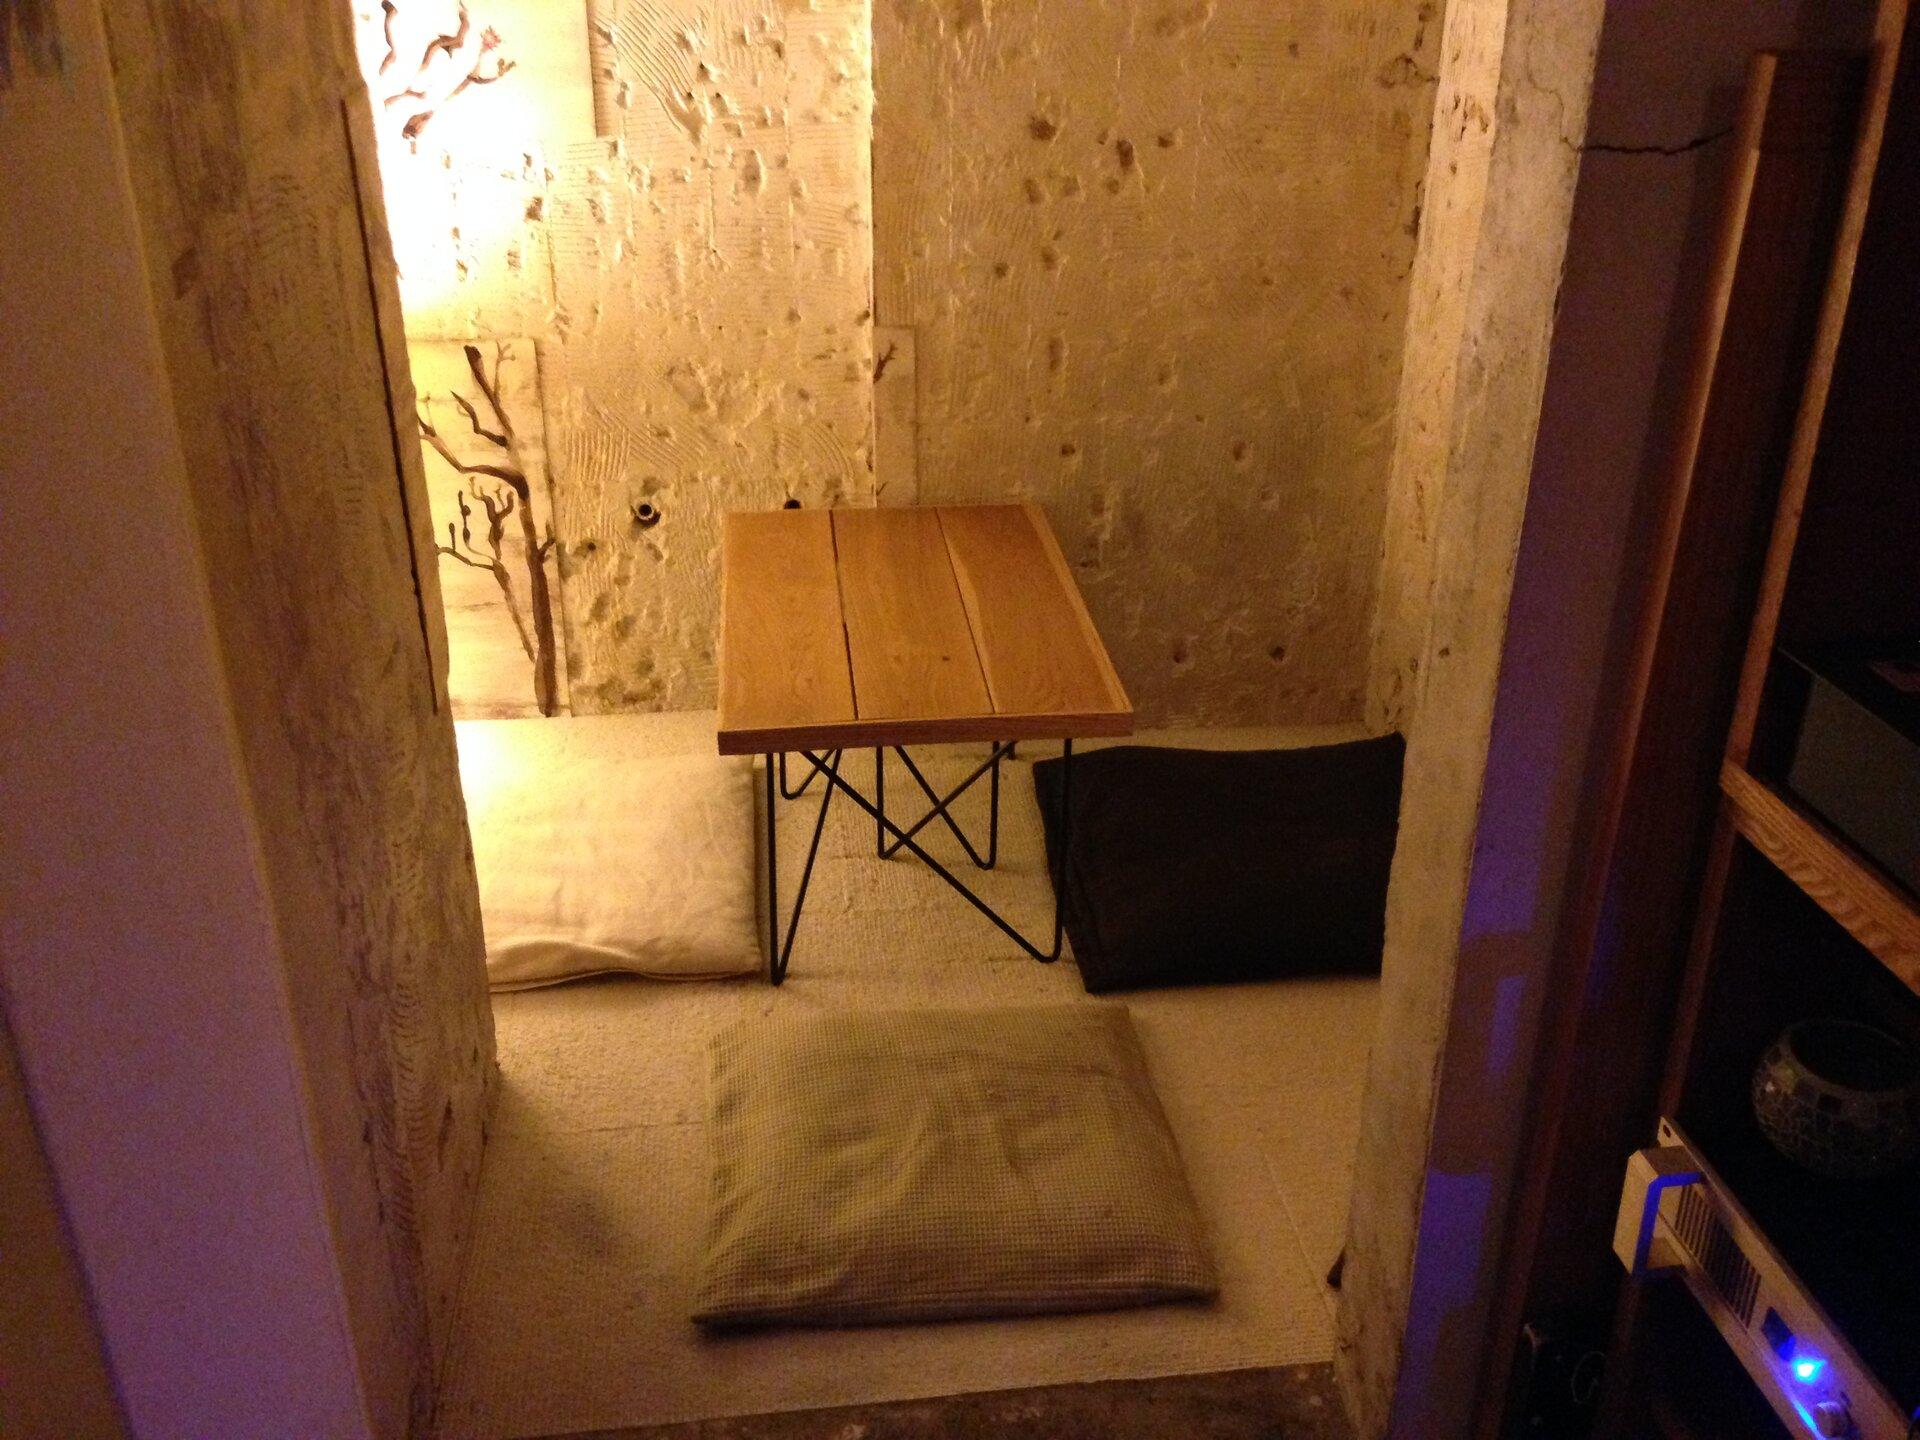 新宿でゆっくりできるおすすめの隠れ家・穴場カフェ3選【女子会やデートにも!】